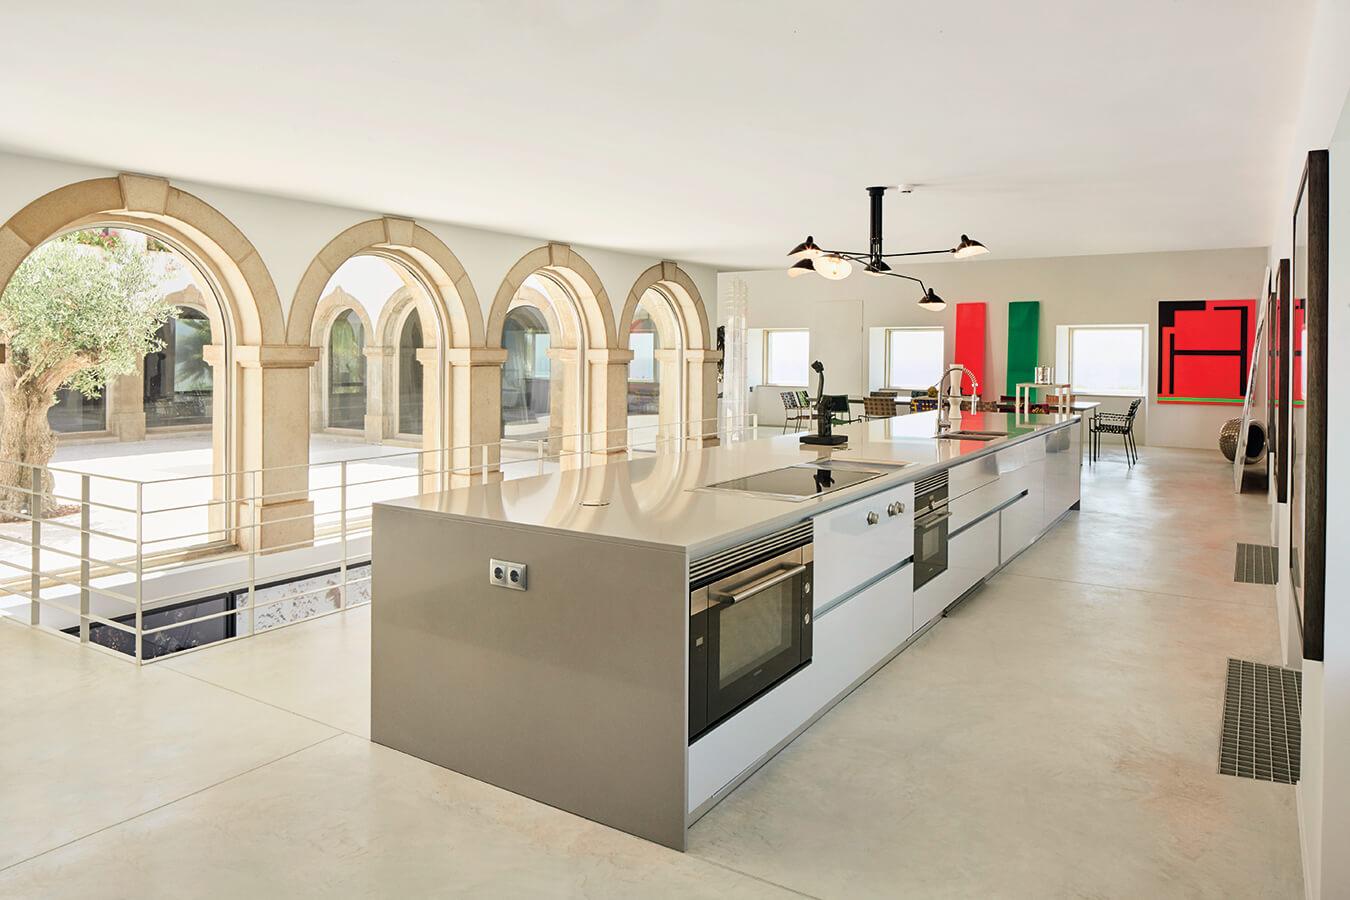 La cocina está completamente abierta y articula la zona social de la casa. En la parte superior, en el segundo piso, se encuentran las habitaciones para huéspedes.